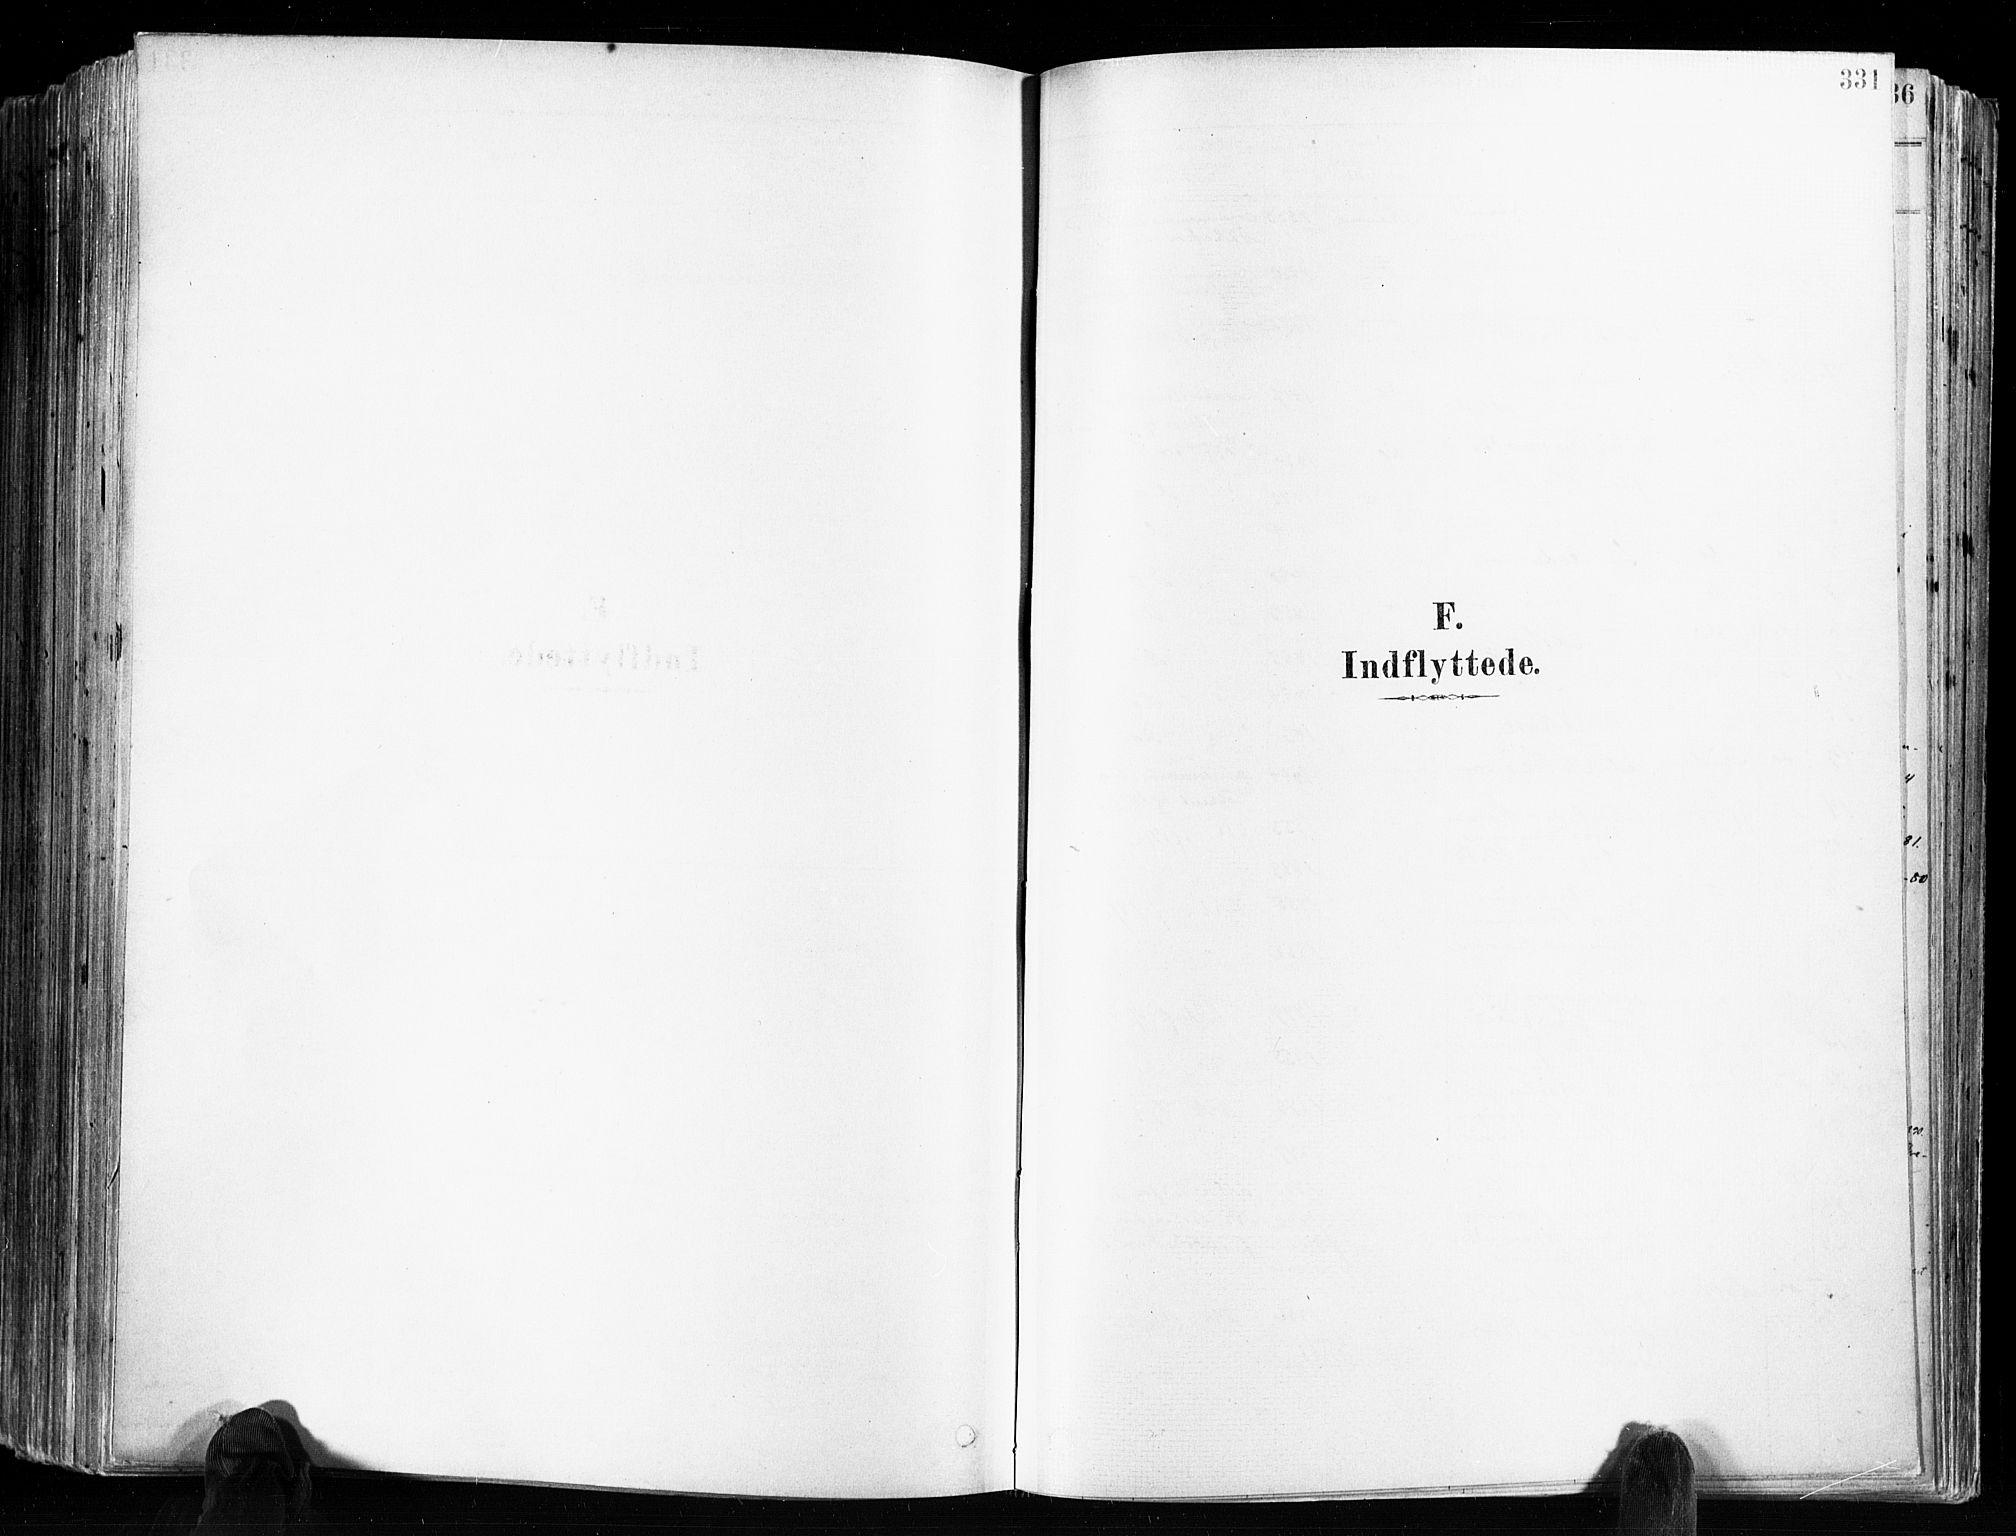 SAKO, Skien kirkebøker, F/Fa/L0009: Ministerialbok nr. 9, 1878-1890, s. 331